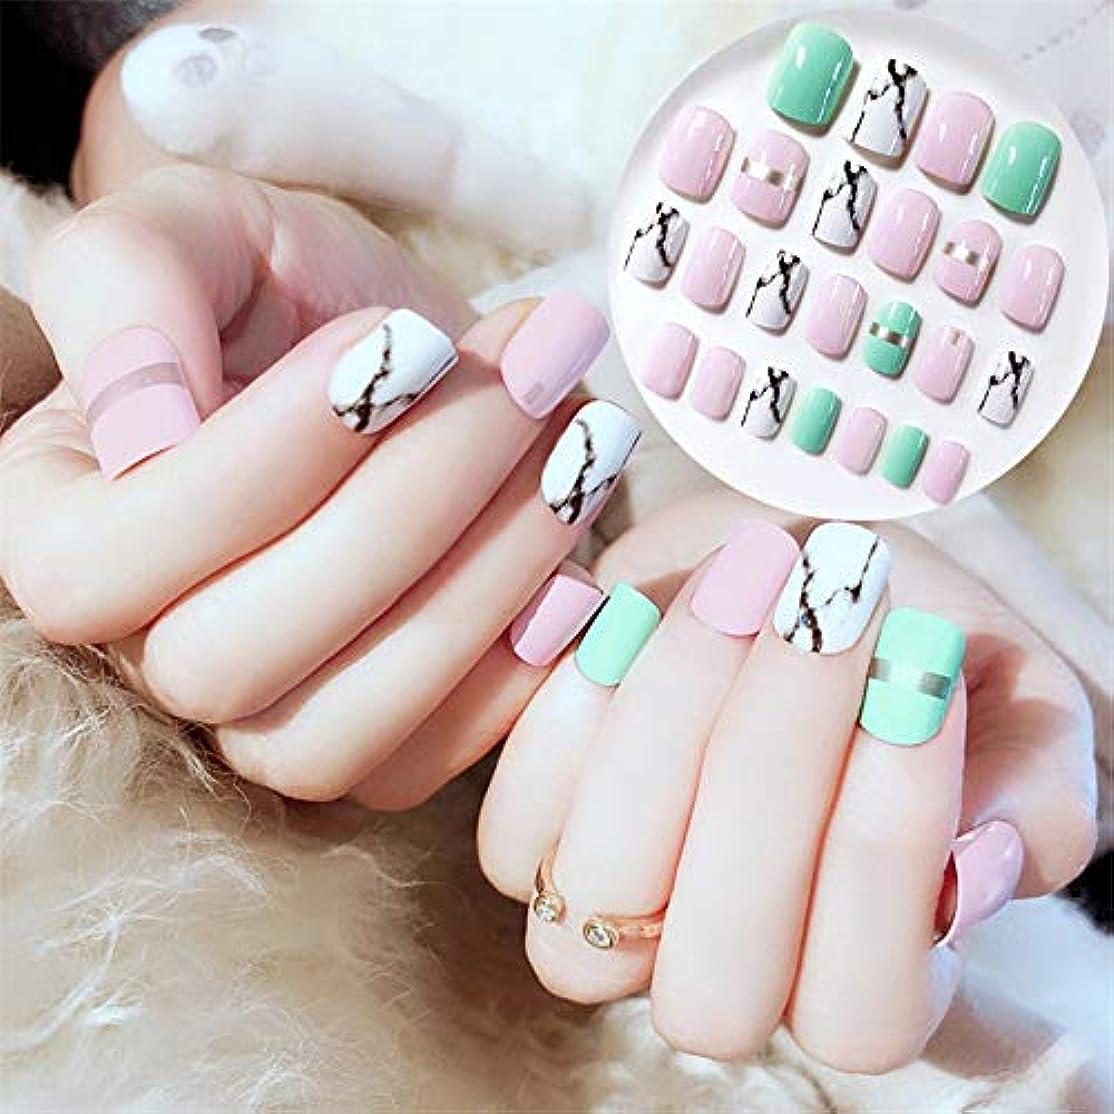 ニックネーム任意旅XUTXZKA 24本の短い正方形の偽の爪白大理石ブルーピンクプレス爪の装飾真珠のヒント